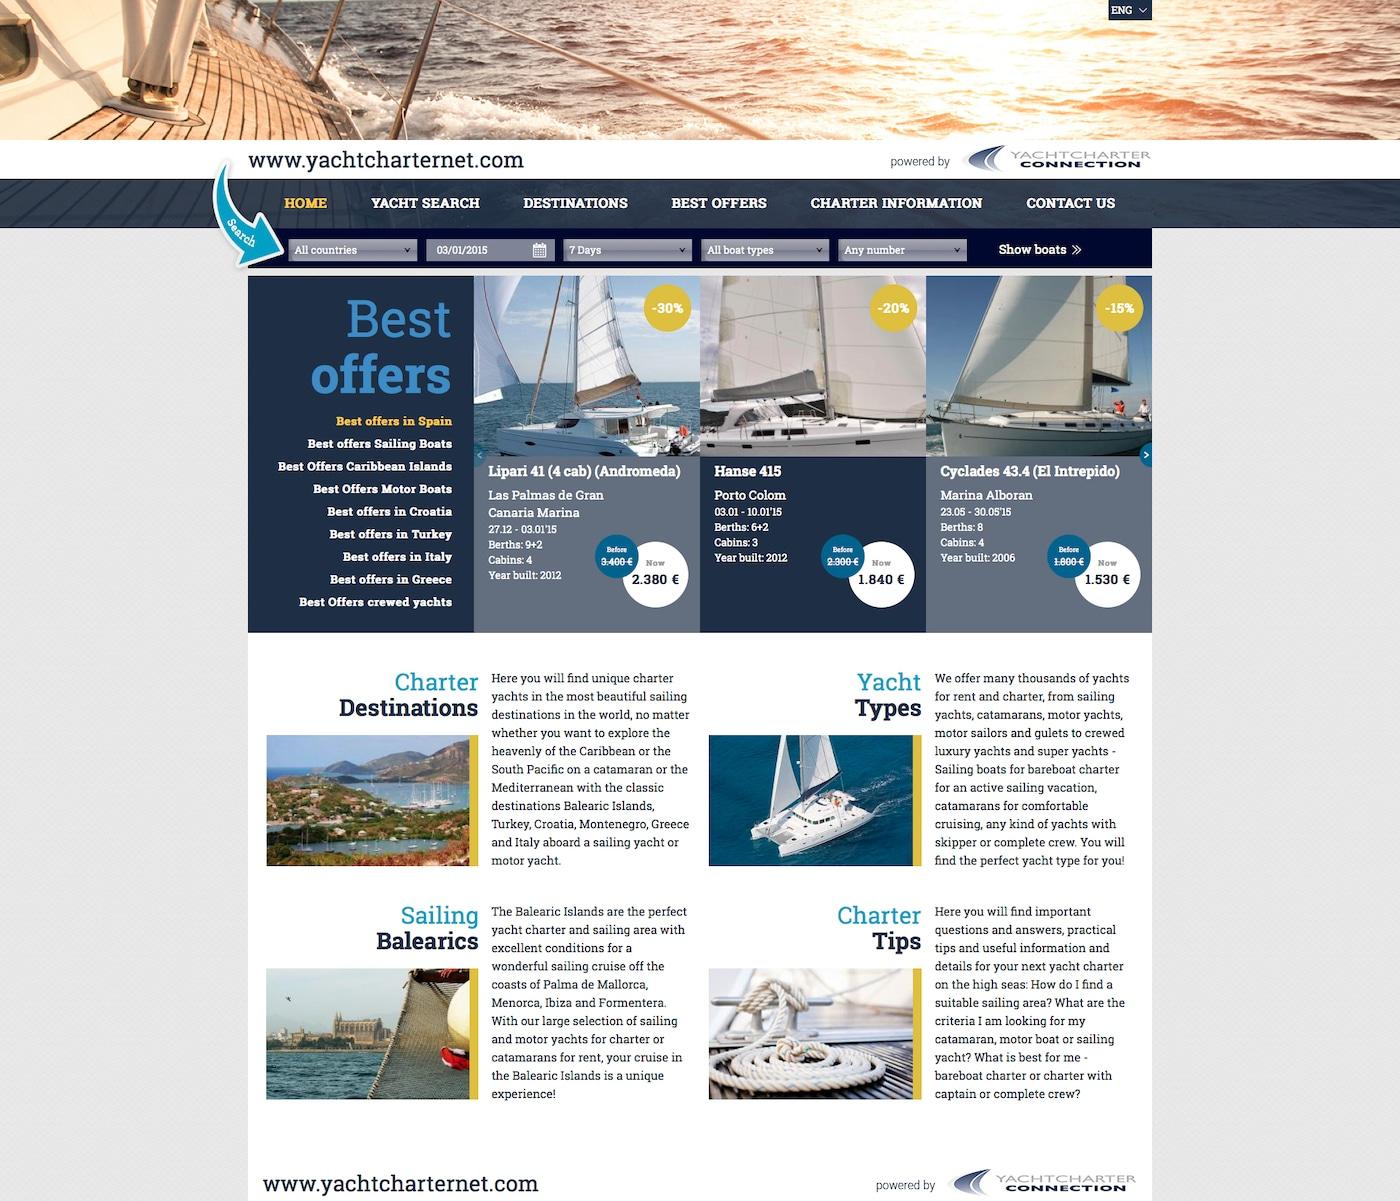 Yachtcharternet - Agentur für Yachtcharter